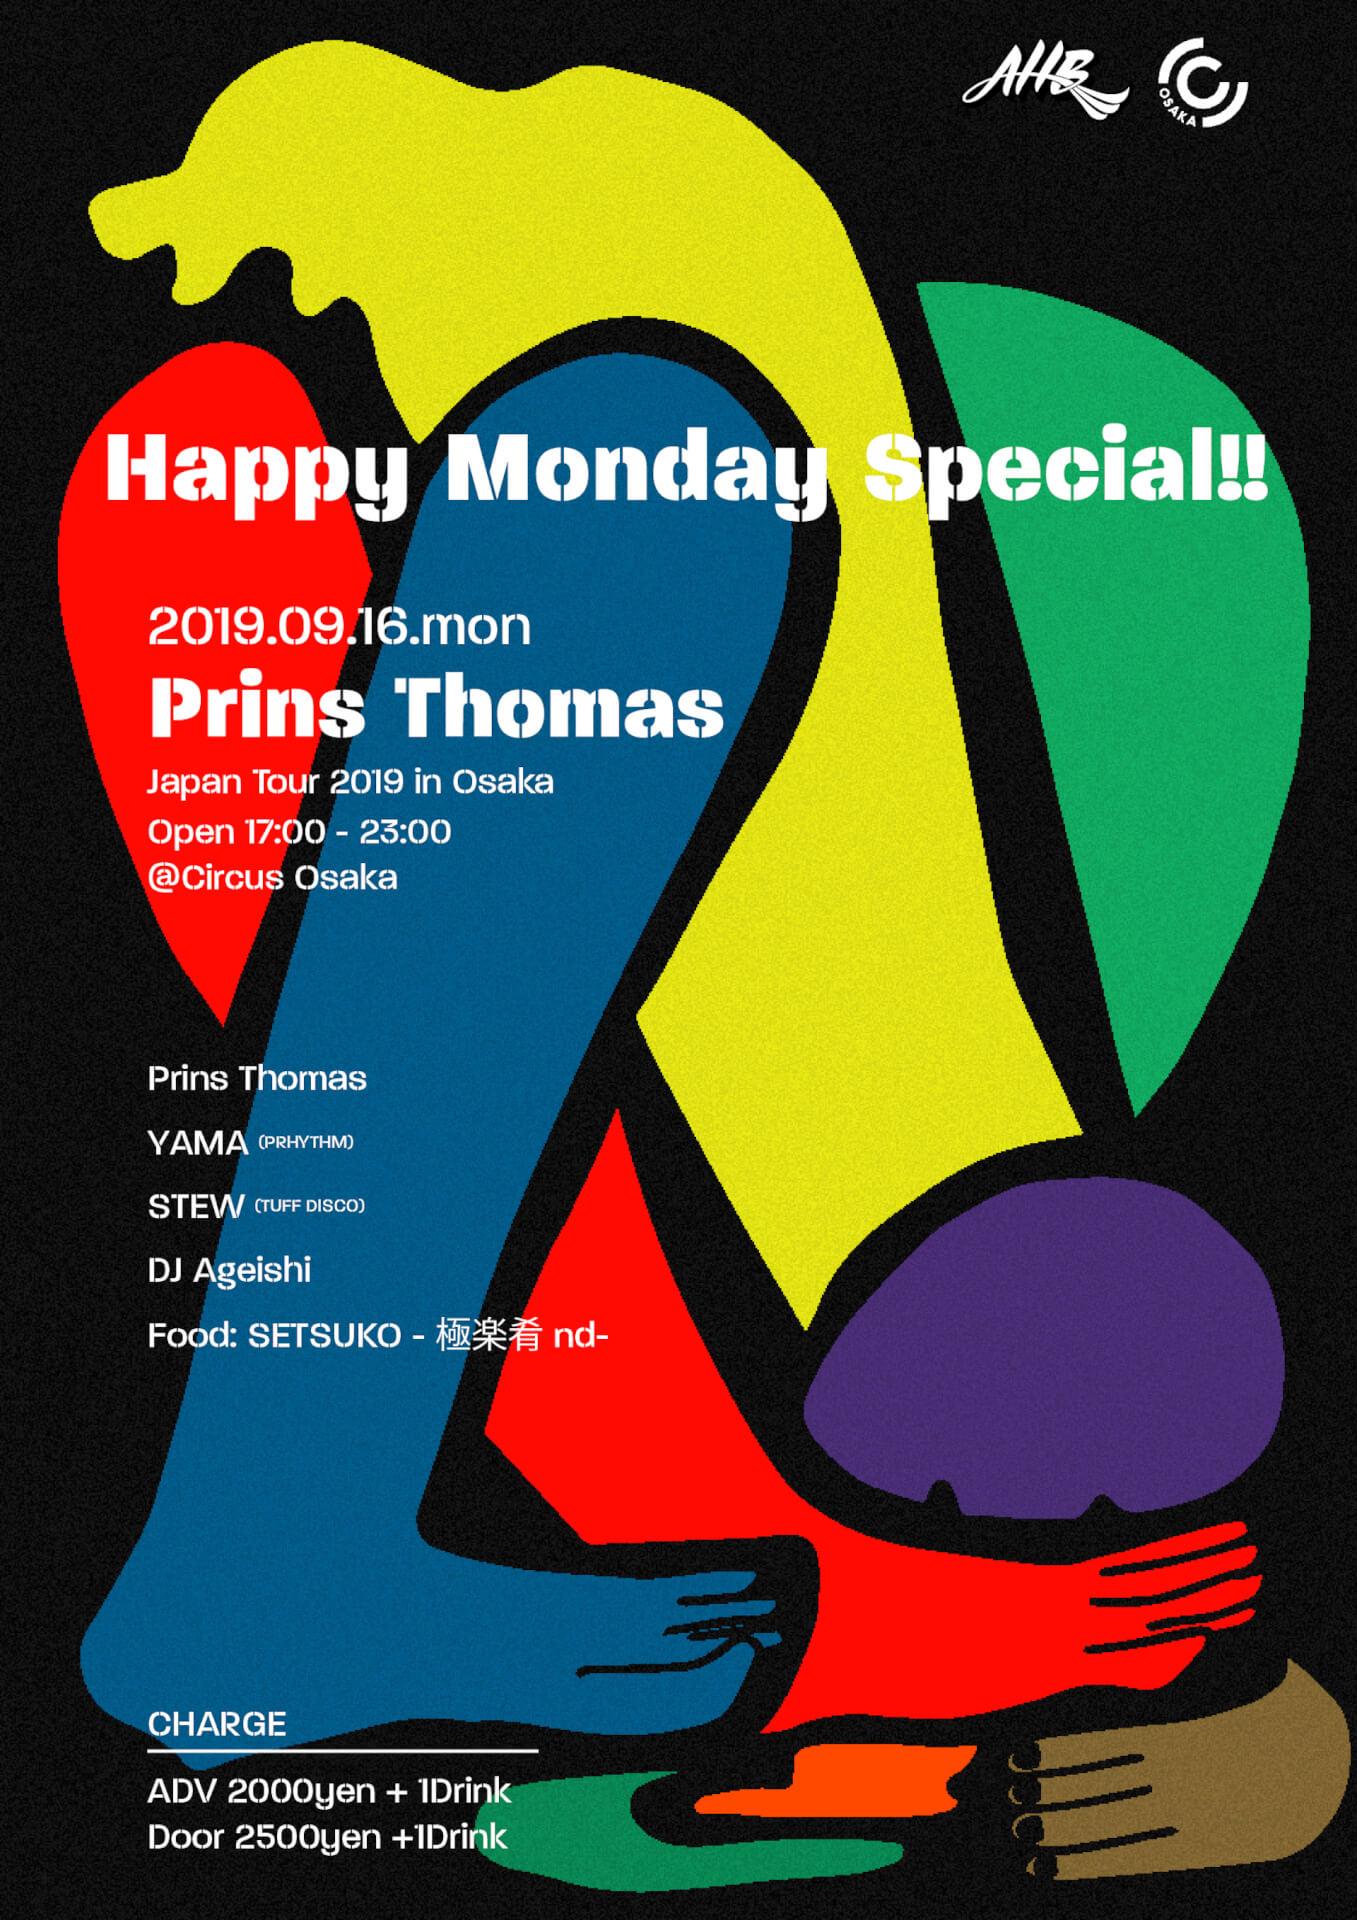 北欧ハウス/ニューディスコの雄・Prins Thomasのアジアツアーが決定! music190826_prinsthomas_3